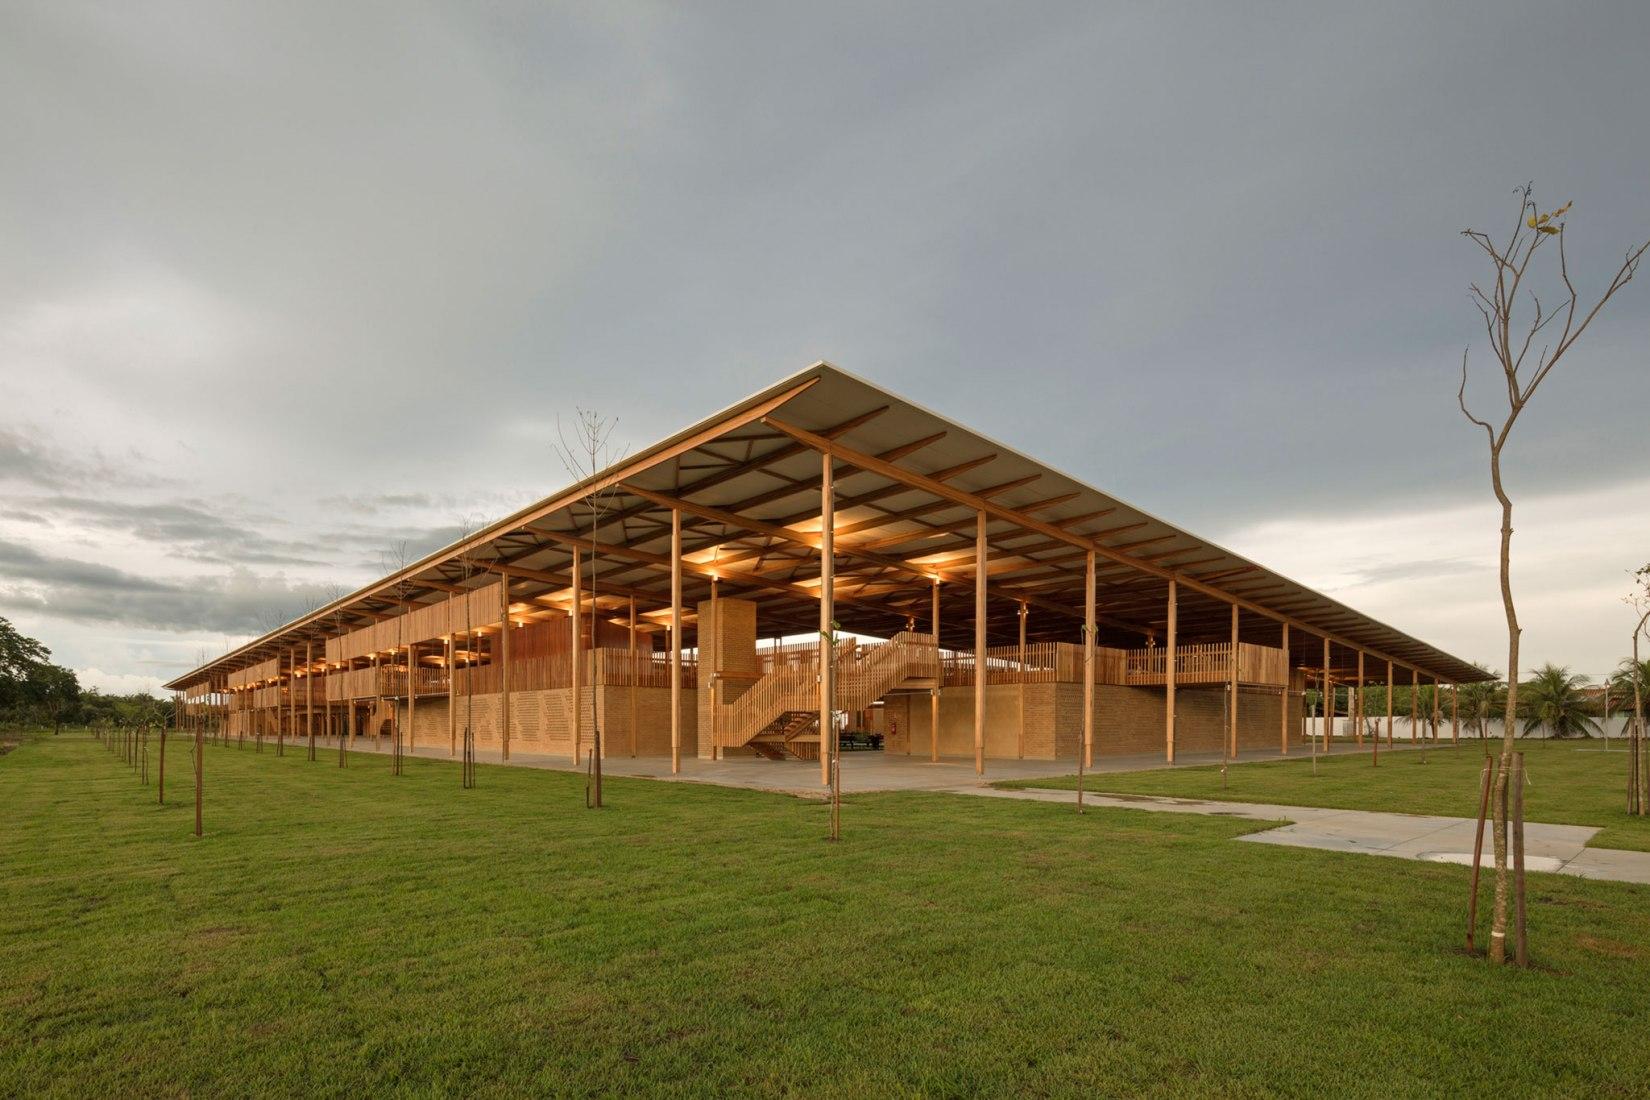 Alojamiento Infantil - Fundação Bradesco, Tocantins, Brasil por Rosenbaum + Aleph Zero. Fotografía de Leonardo Finotti